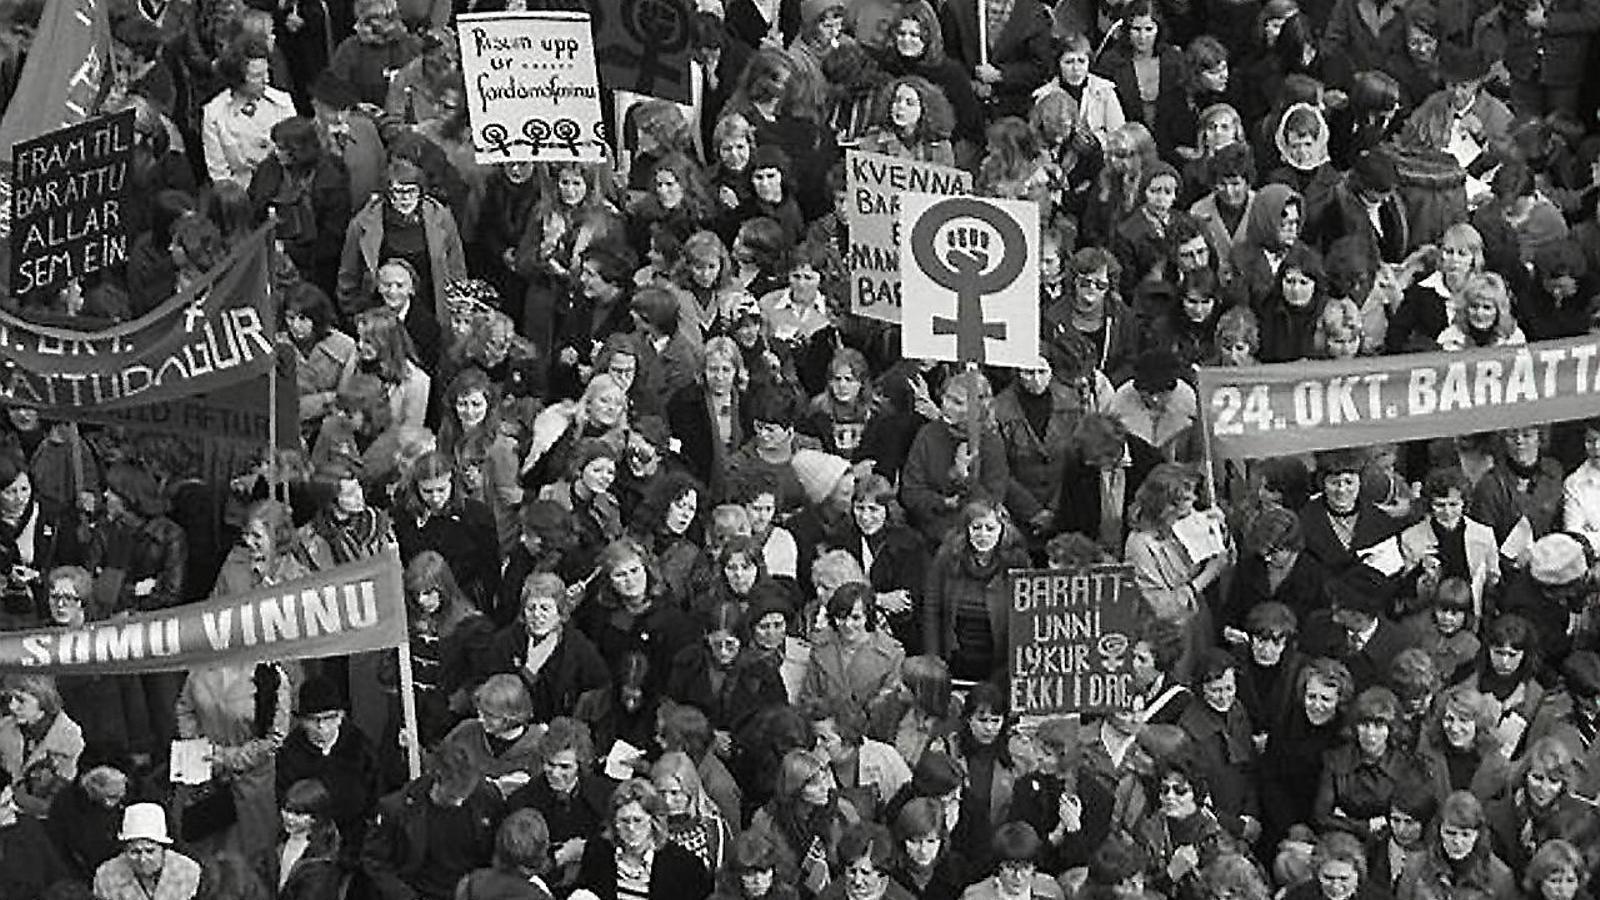 Una imatge d'arxiu de les històriques manifestacions que les dones van fer a Islàndia el 24 d'octubre de 1975. / GETTY